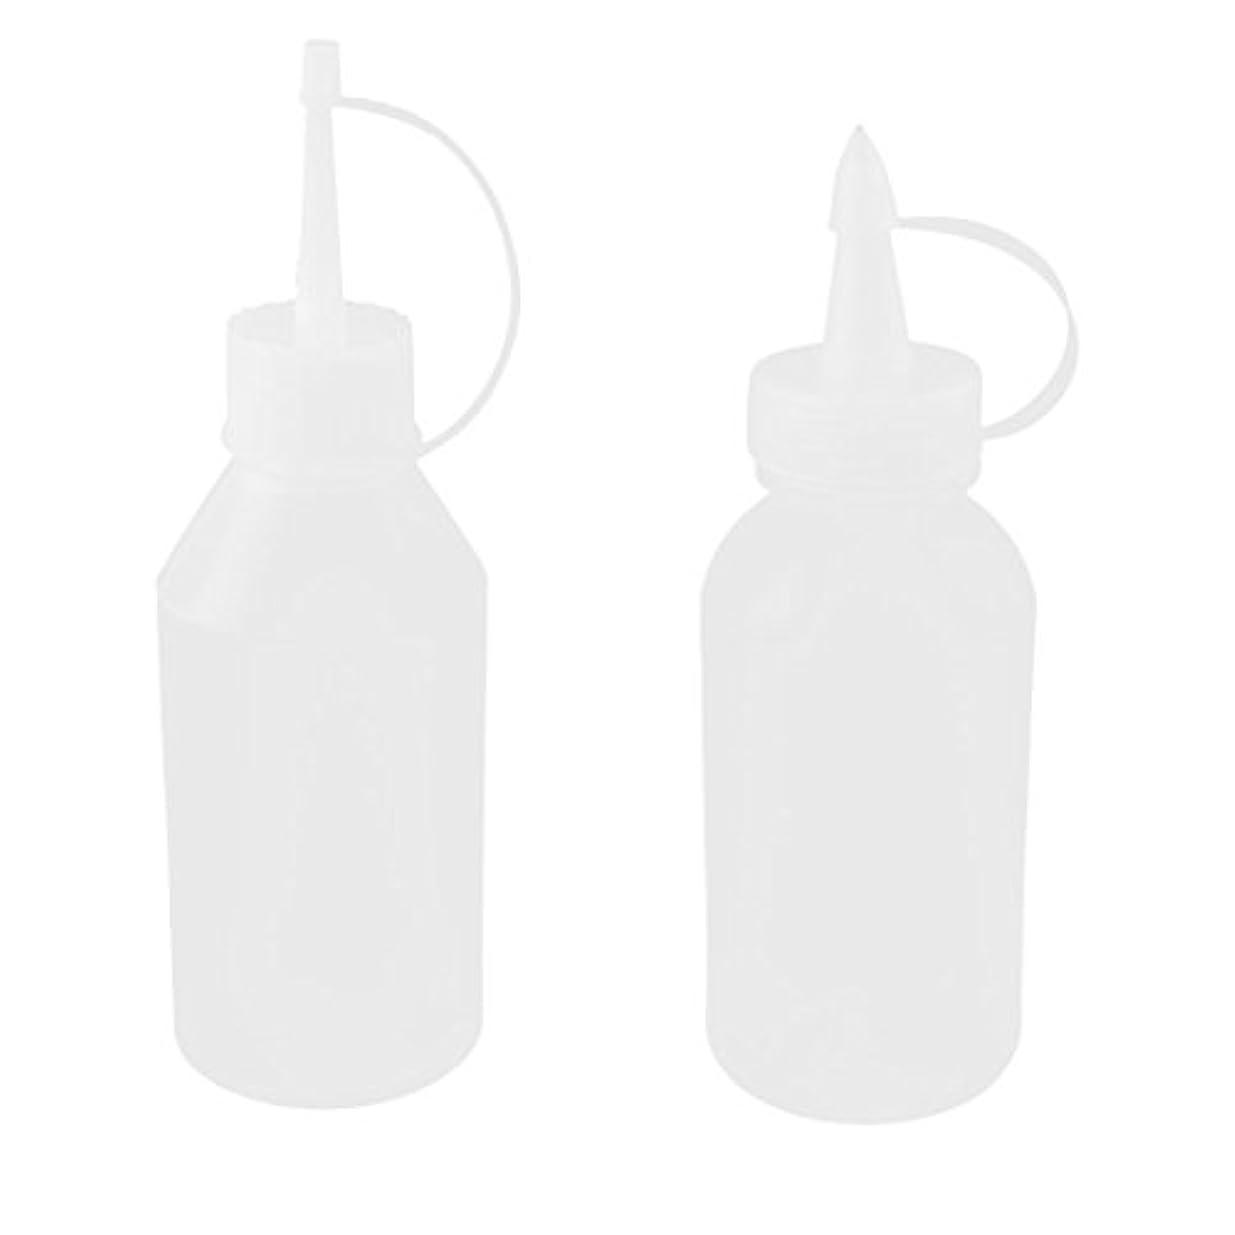 コンソール遺体安置所コーデリアuxcell オイルボトル 油差し プラスチック 100ml ホワイト クリア 2個